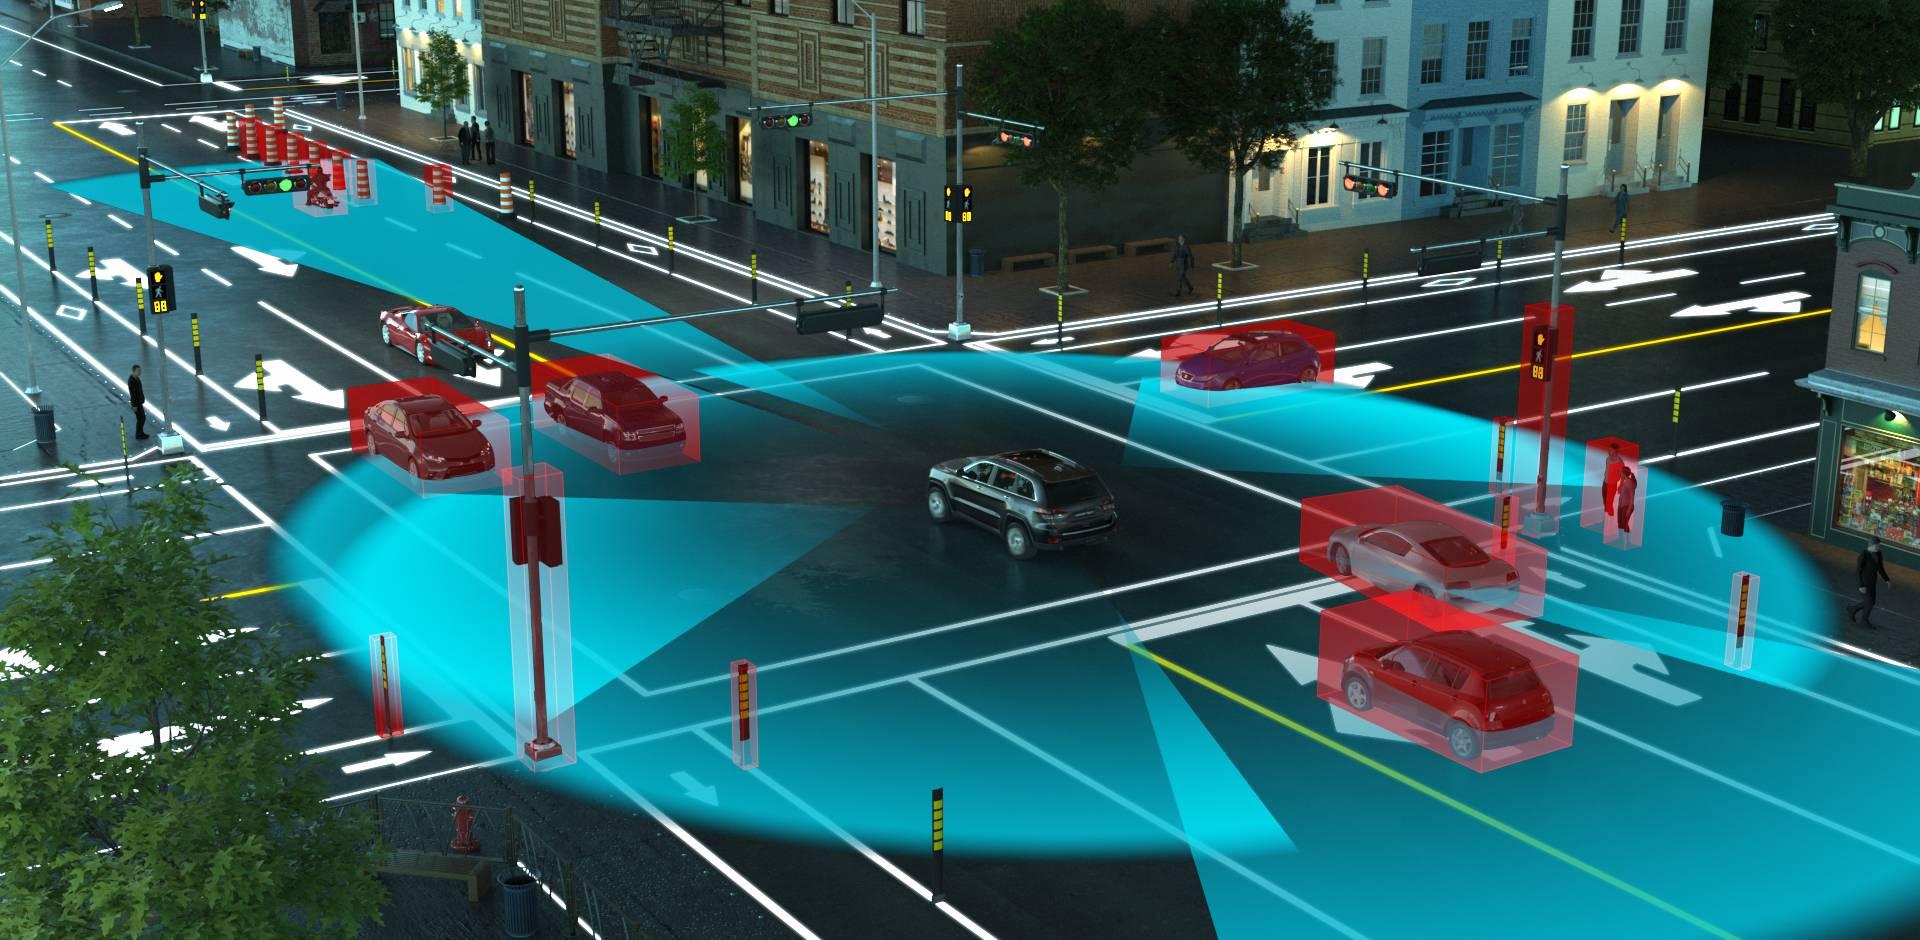 Osram/LeddarTech : conclusion d'un accord commercial pour des systèmes Adas et Lidar automobile